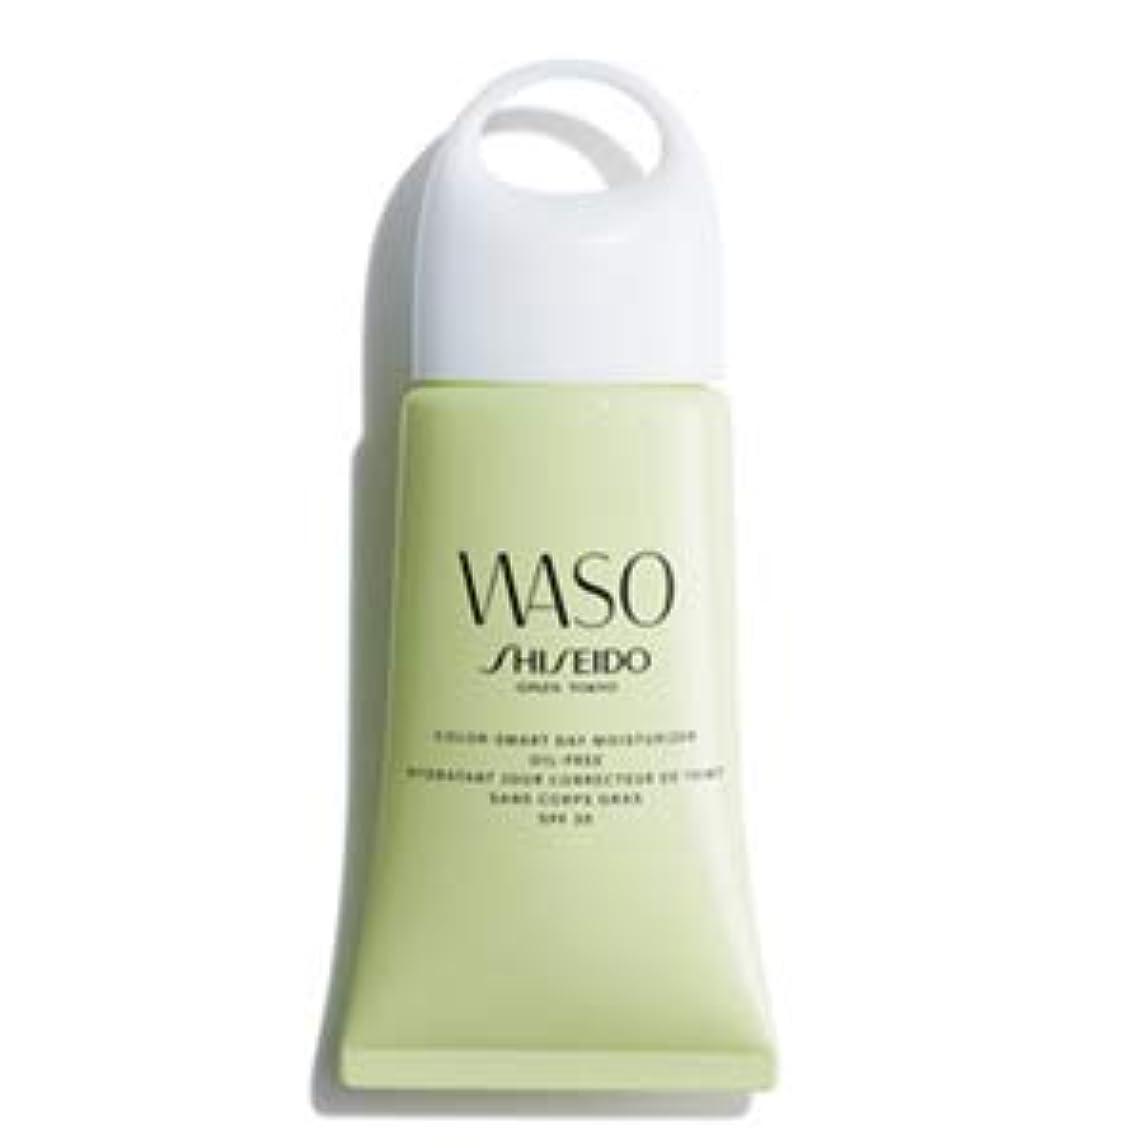 WASO(ワソウ) カラー スマート デー モイスチャライザー オイルフリー PA+++ / SPF30 (日中用乳液)_55g